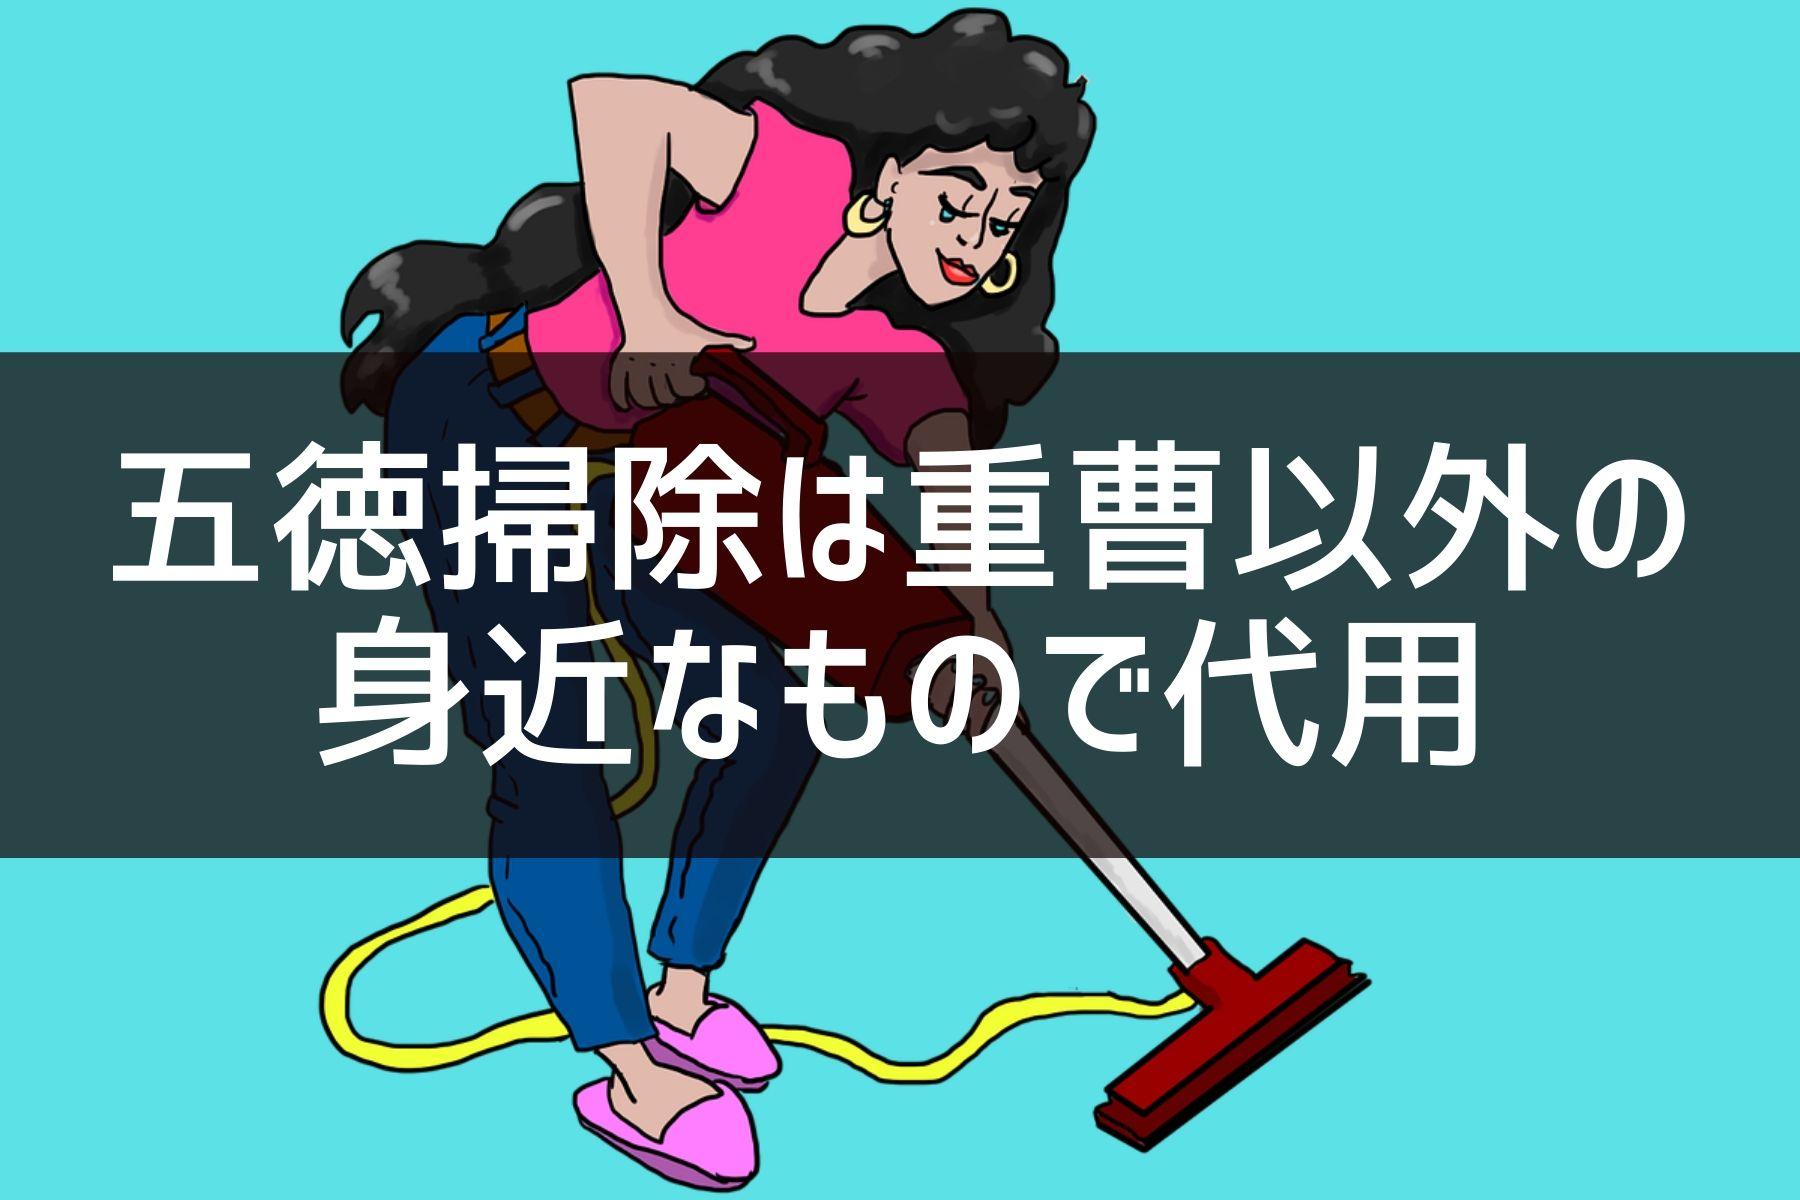 五徳掃除は重曹以外の身近なもので代用